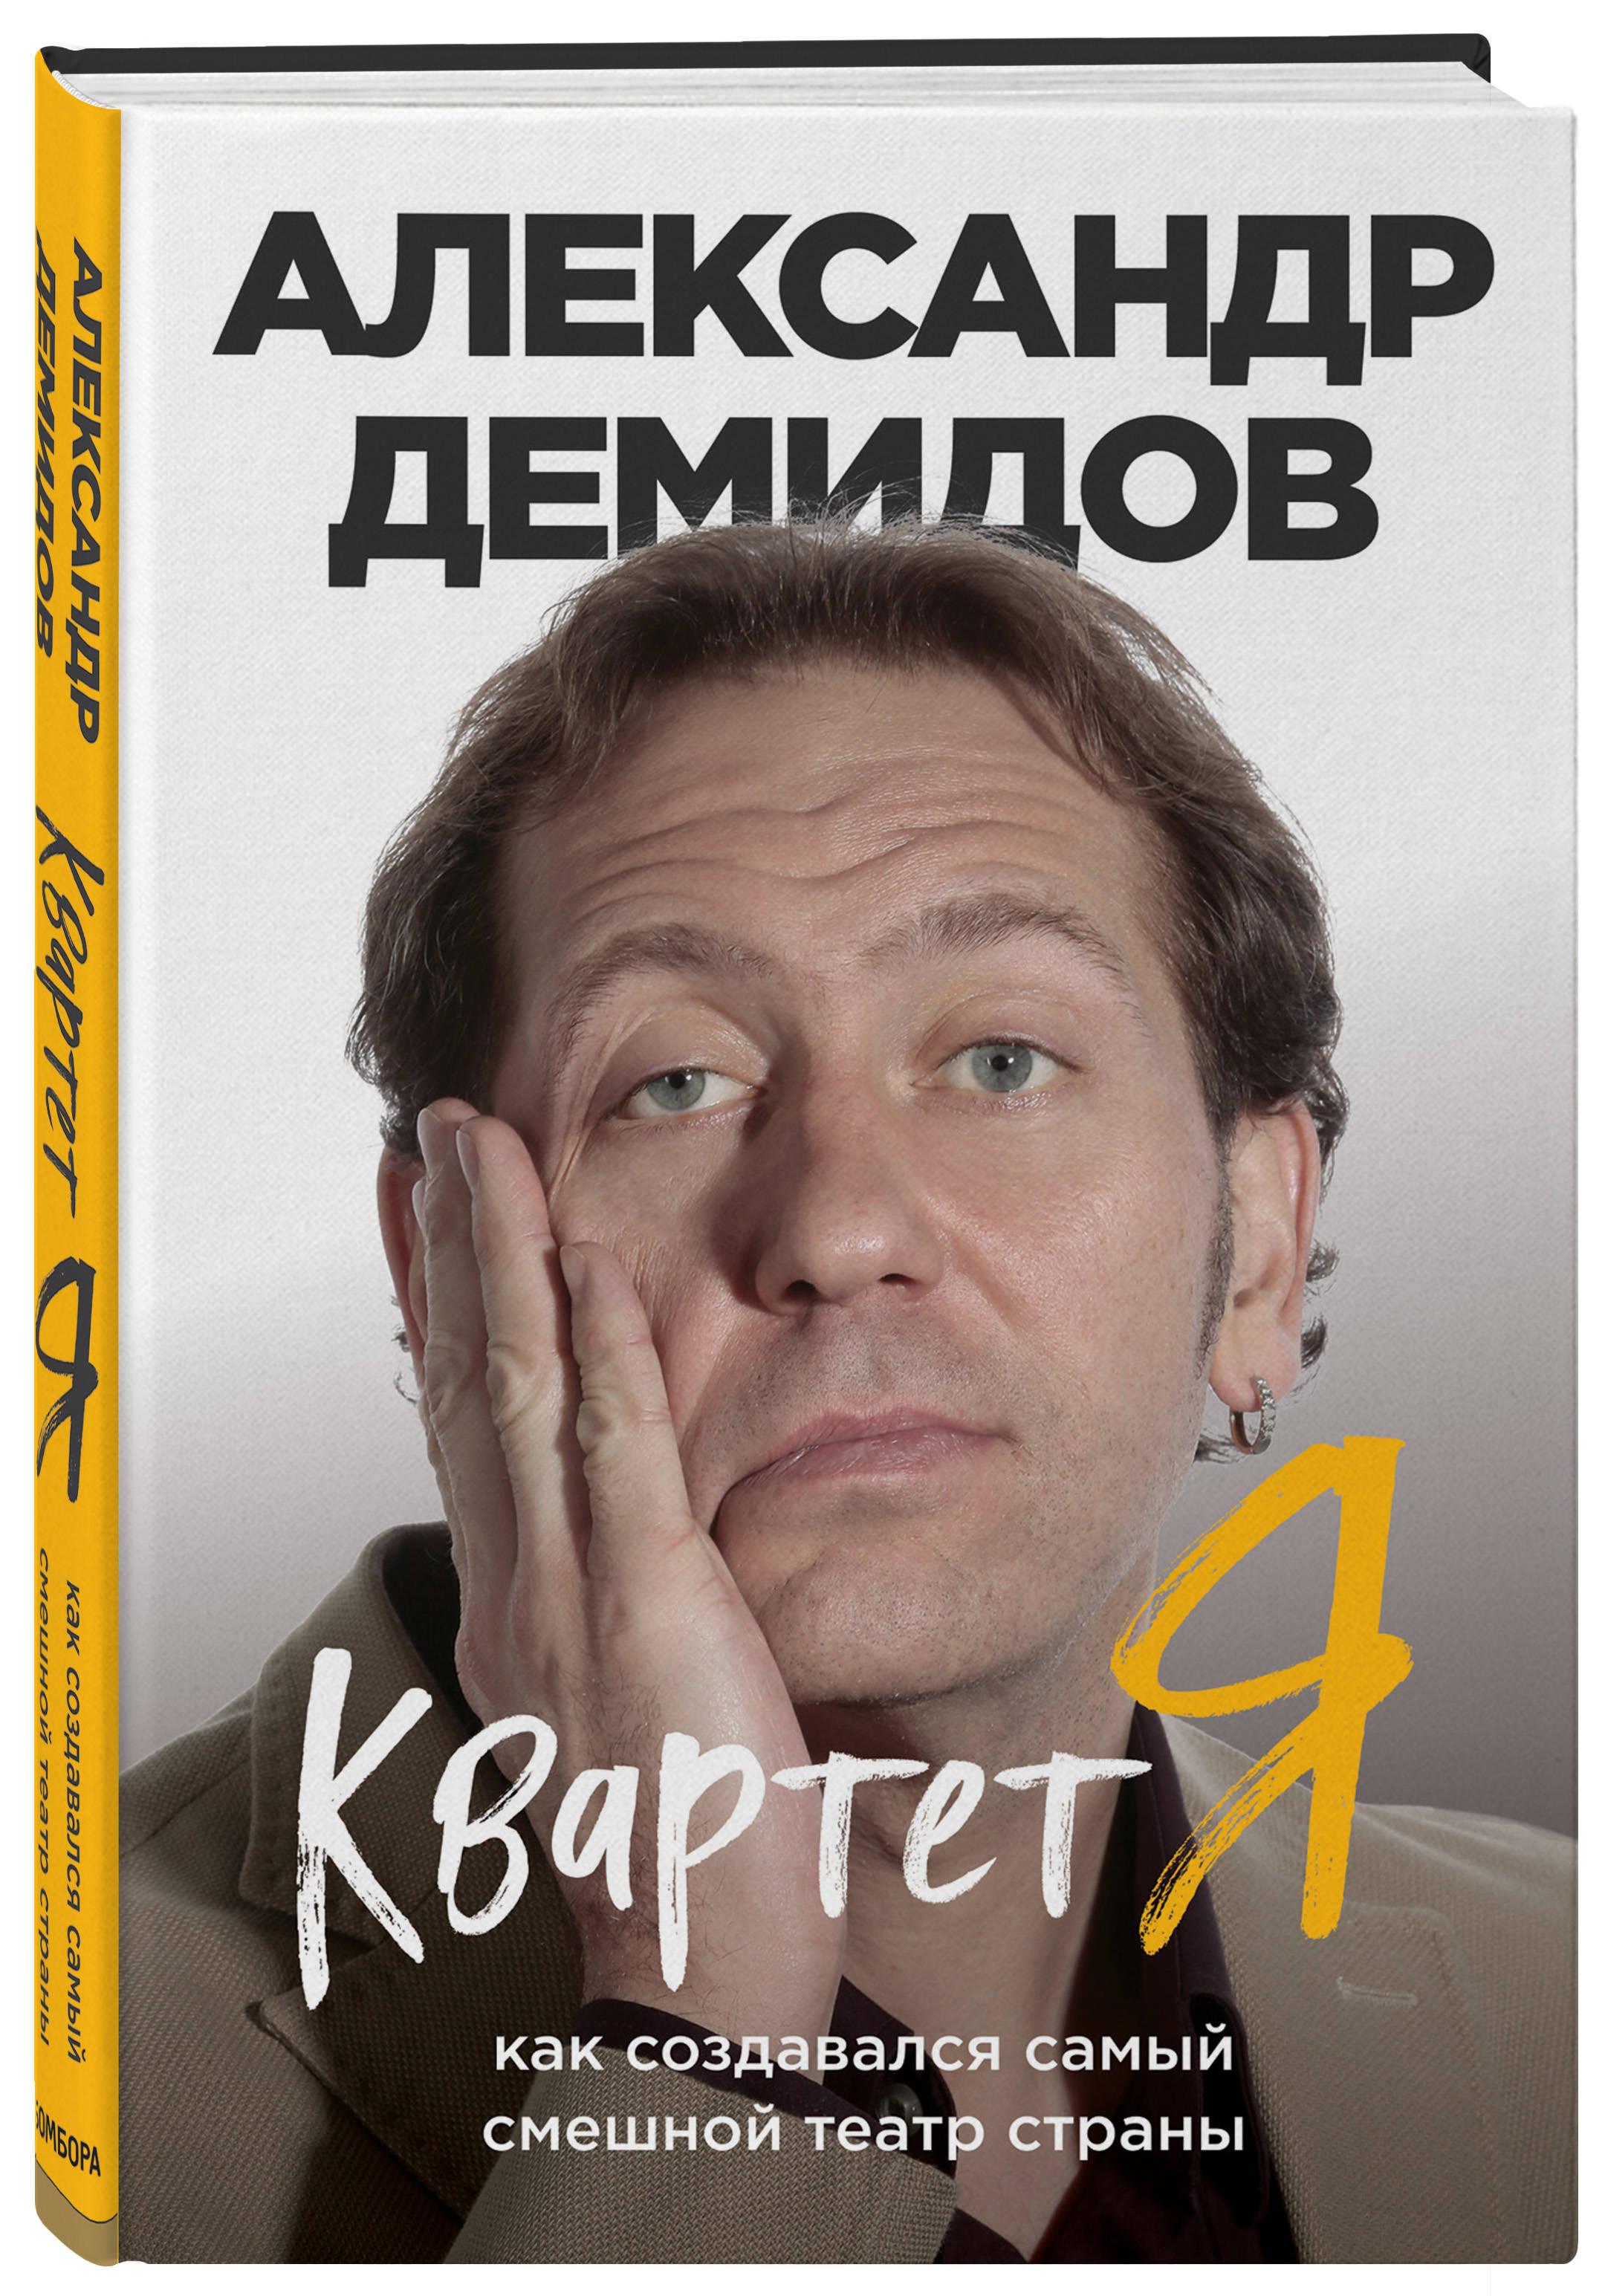 Демидов Александр Сергеевич Квартет Я. Как создавался самый смешной театр страны